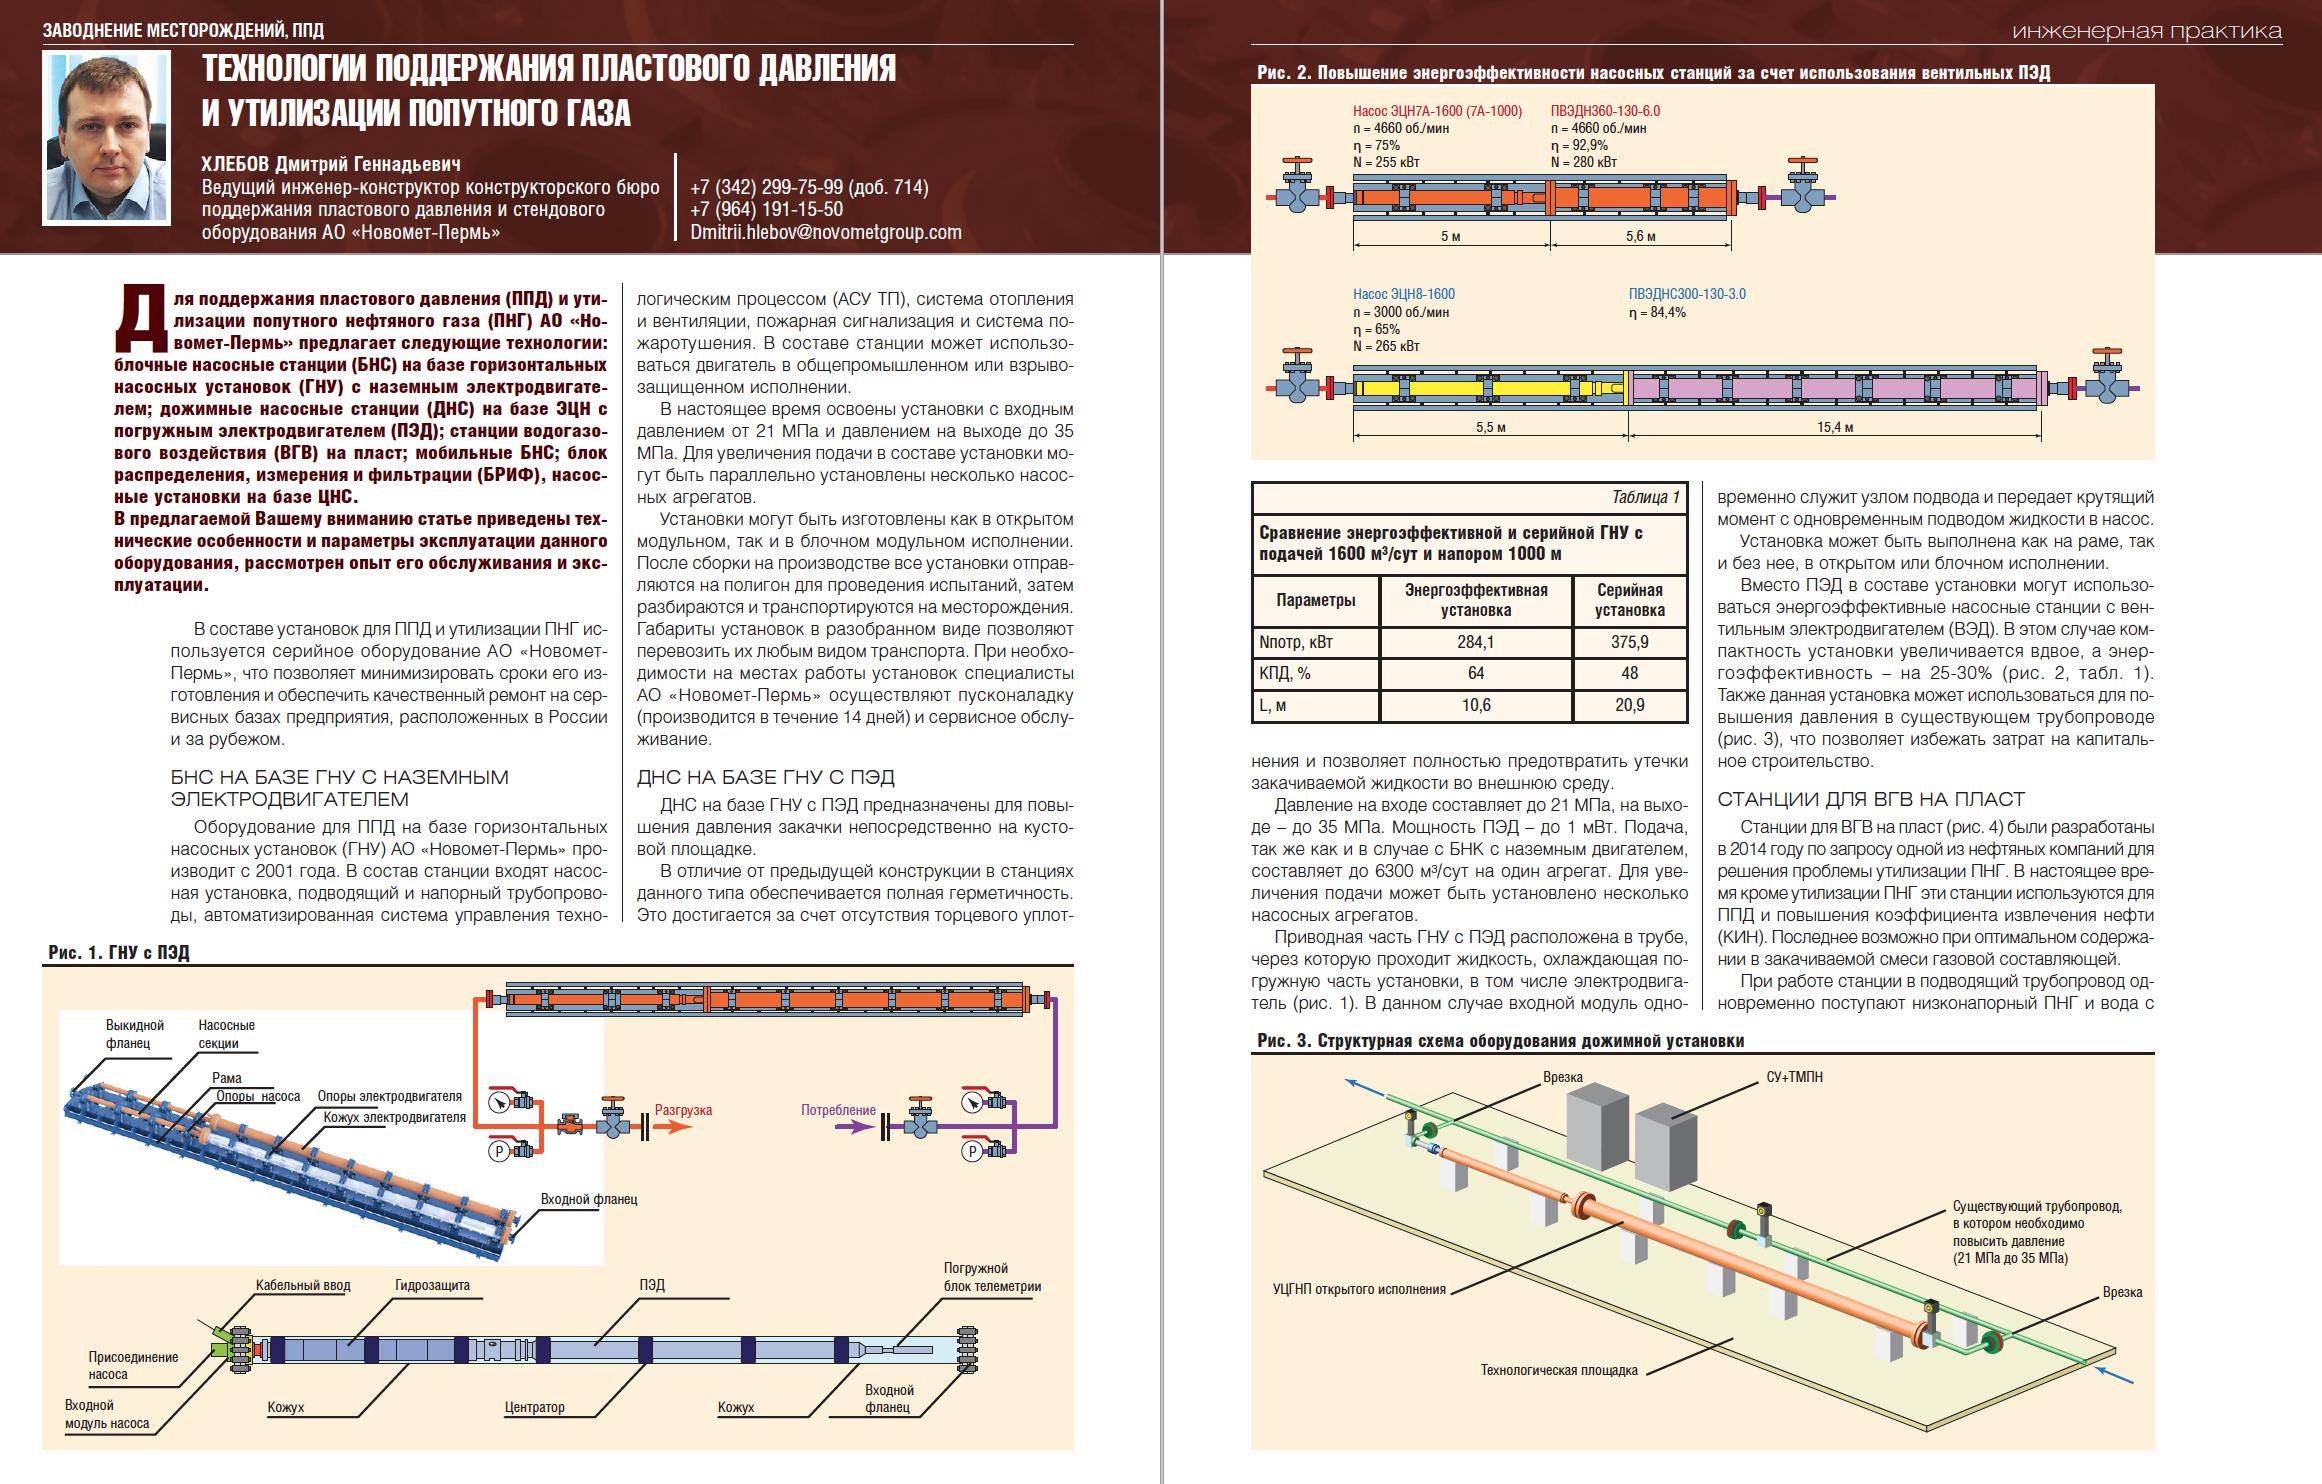 31706 Технологии поддержания пластового давления и утилизации попутного газа